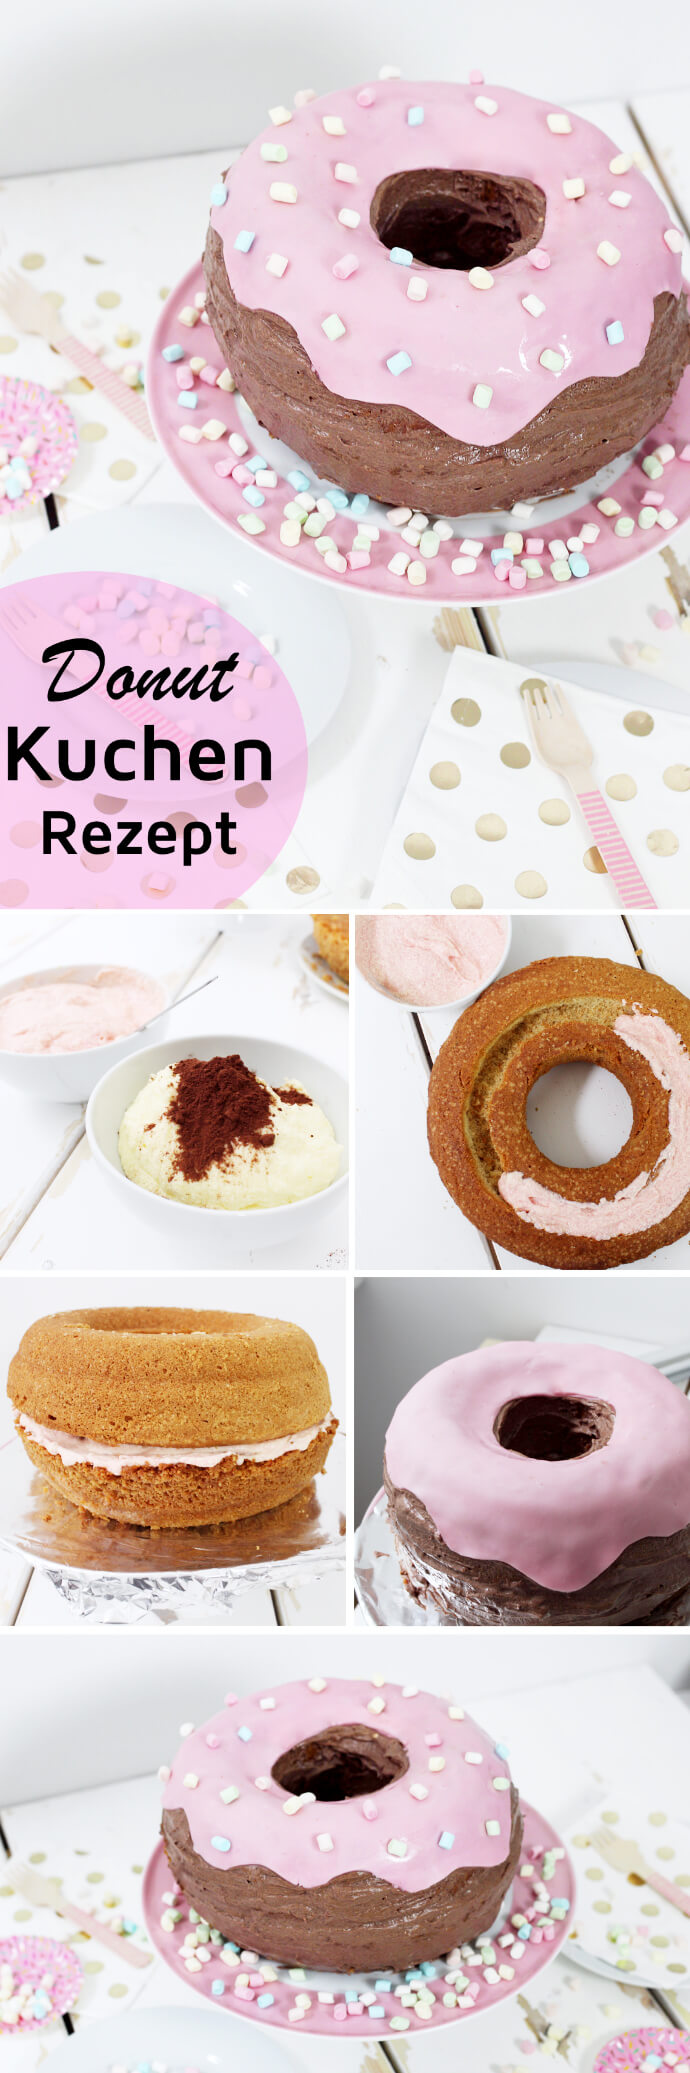 donut-kuchen-rezept-geburtstag-torte-party-backen-diy-blog